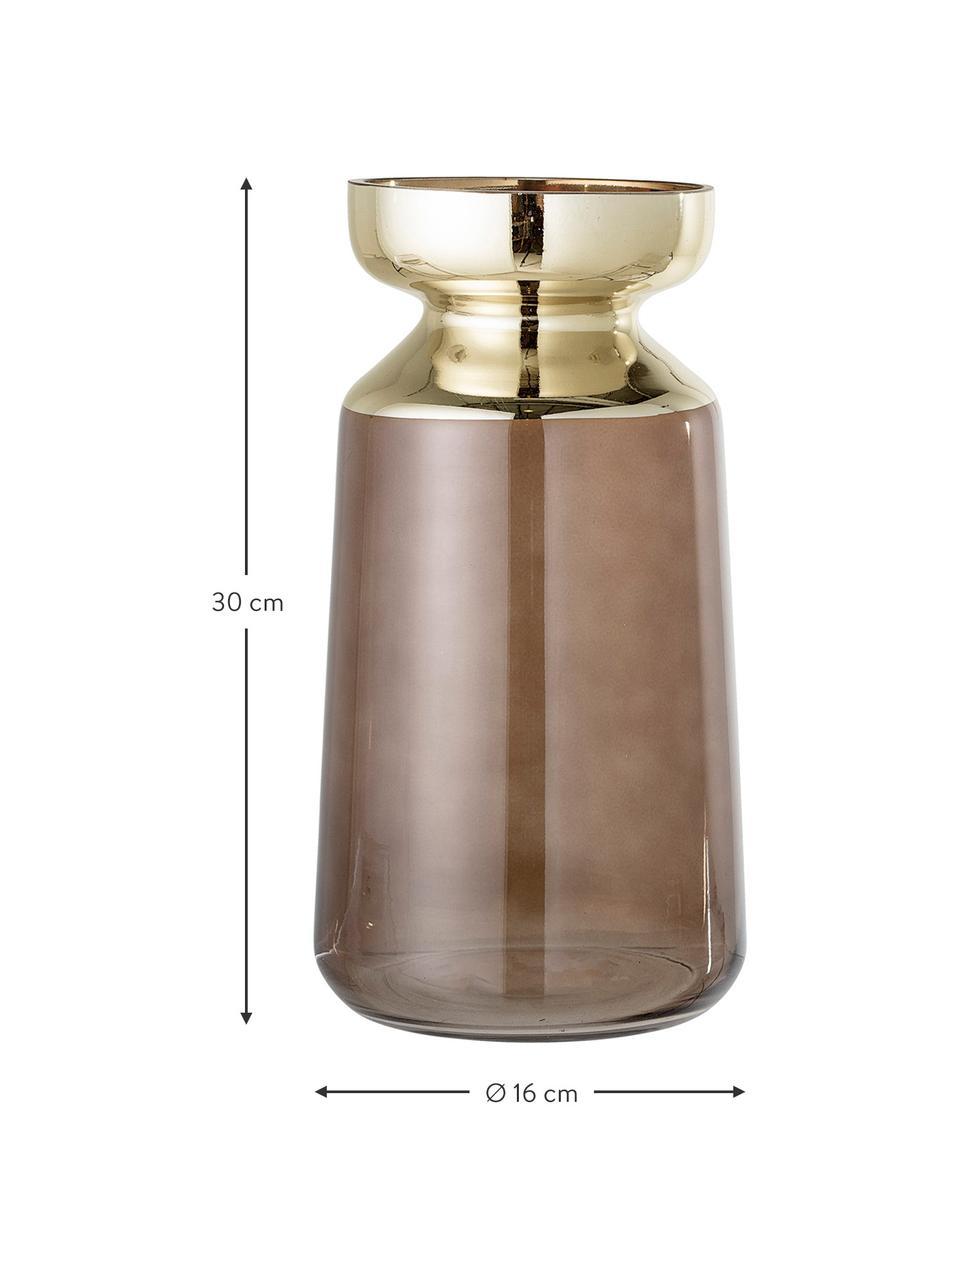 Große Deko-Vase Shimmer aus Glas, Glas, Braun, Goldfarben, Ø 16 x H 30 cm